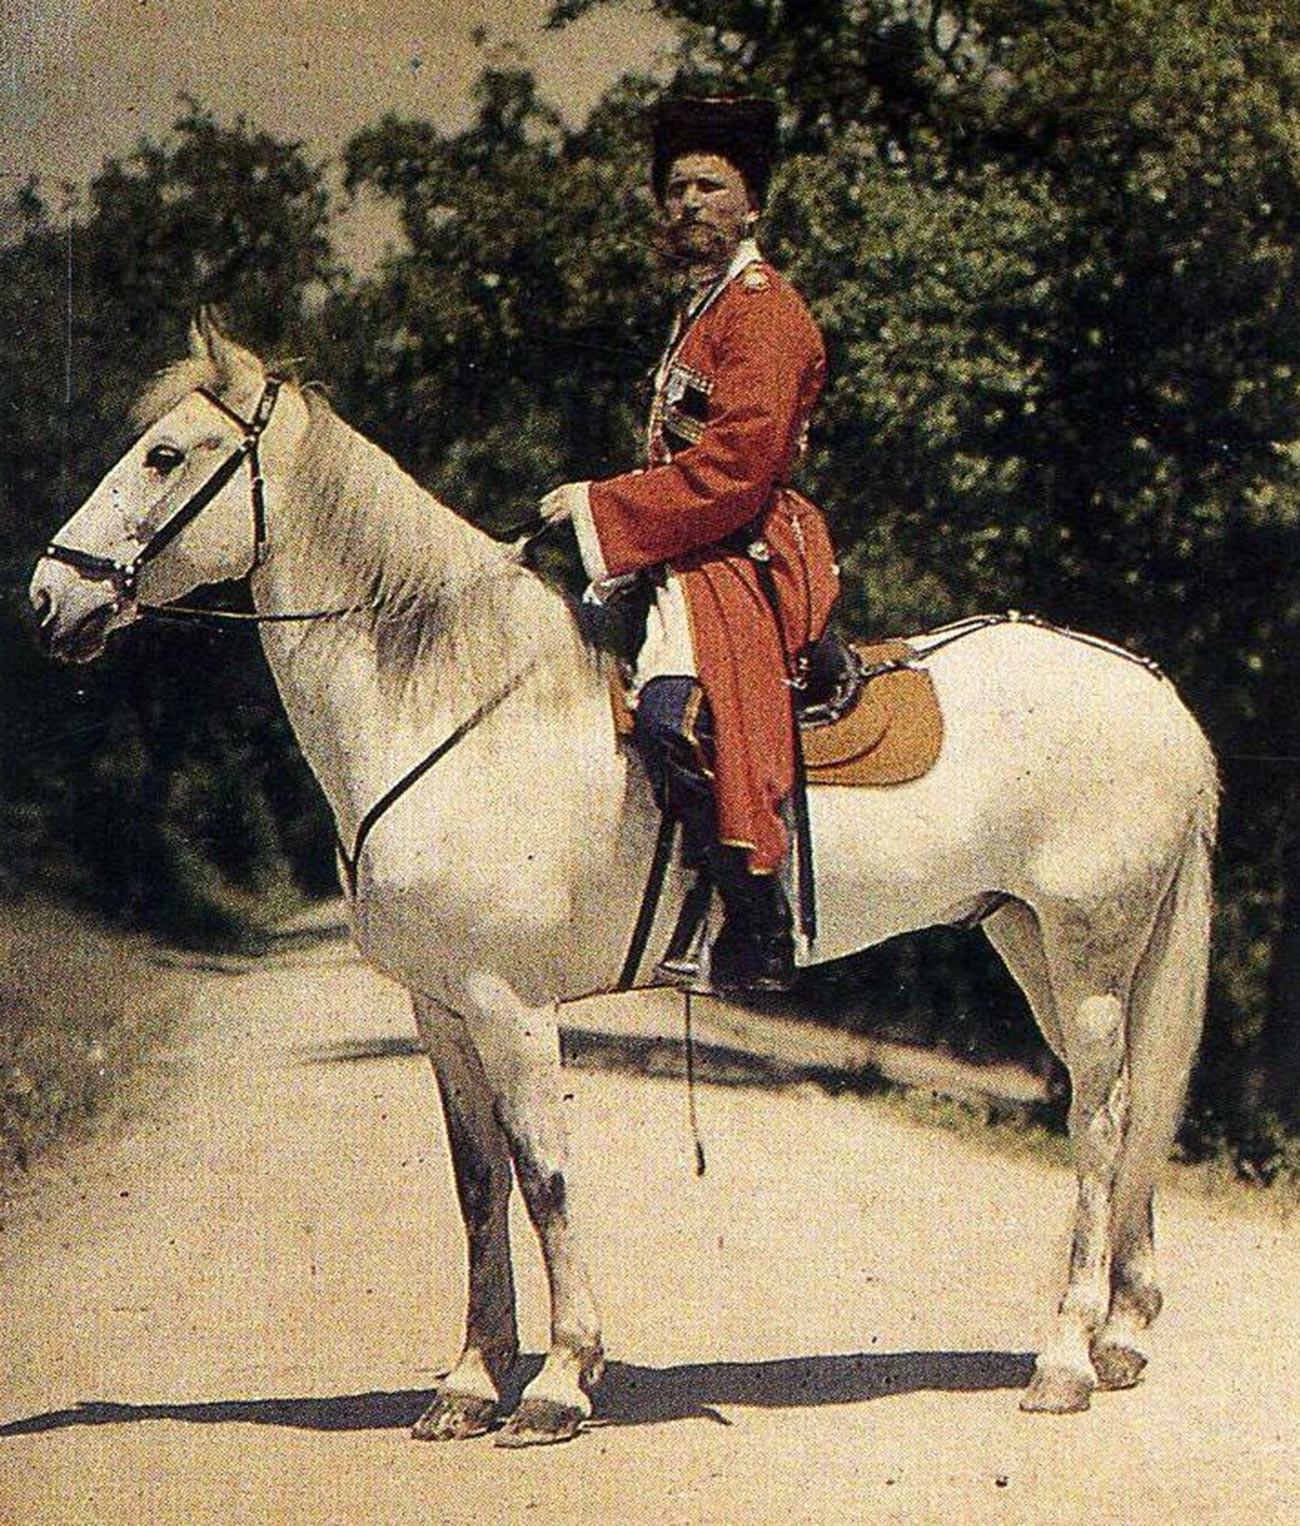 Seorang pria Cossack dari pengawal pribadi kaisar, 1910-an.